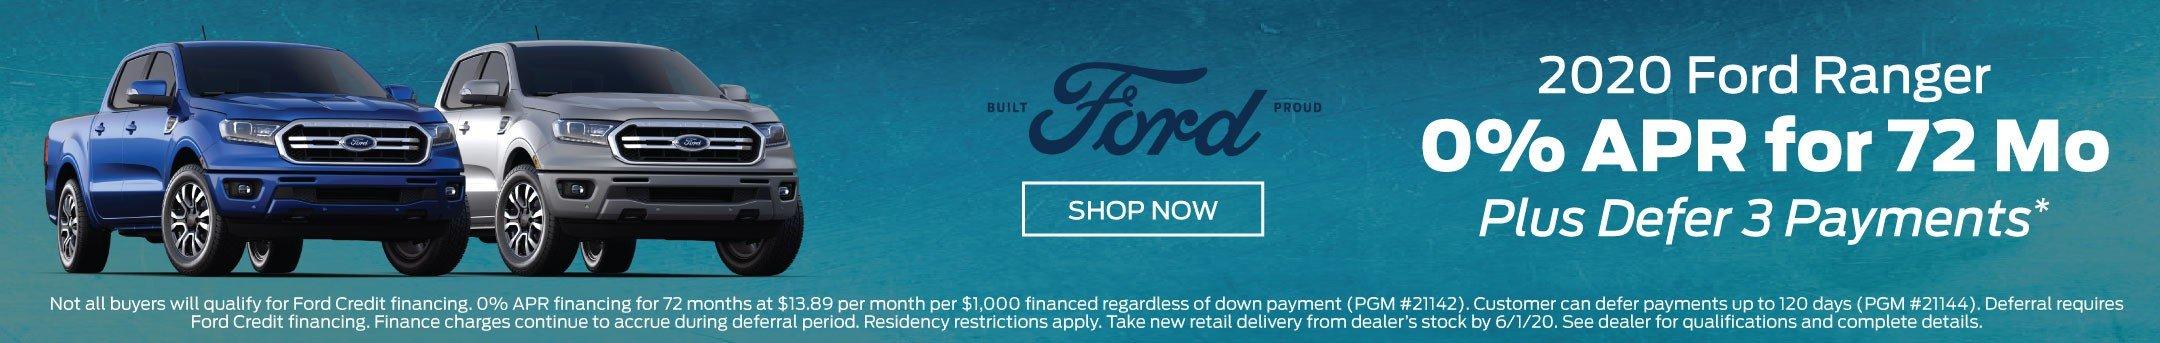 2020 Ford Ranger Offer 5-2020